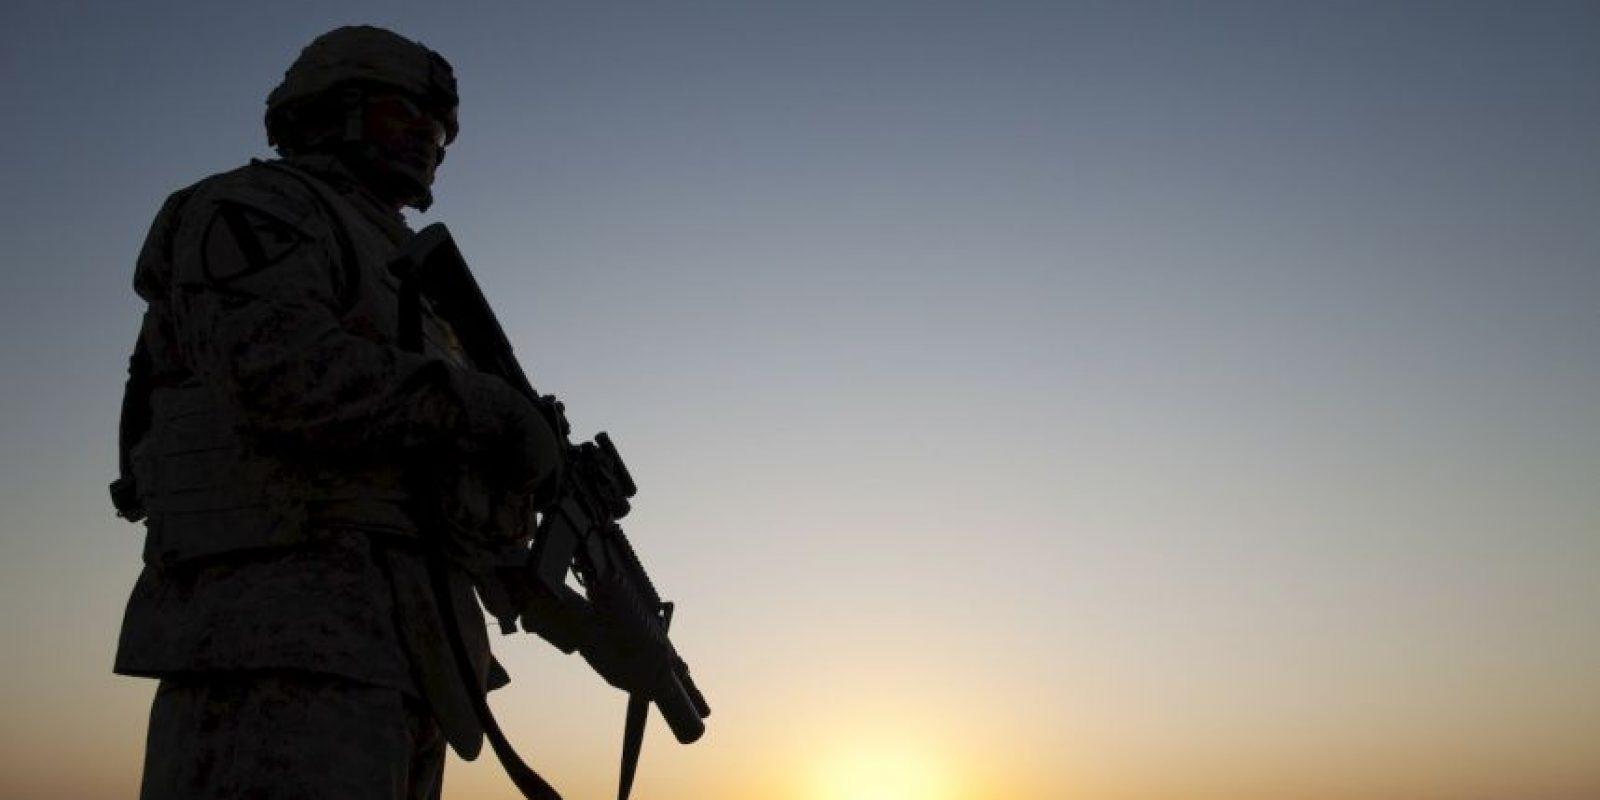 Fanning ha servido como interino el subsecretario del Ejército desde junio de 2015. Foto:Getty Images